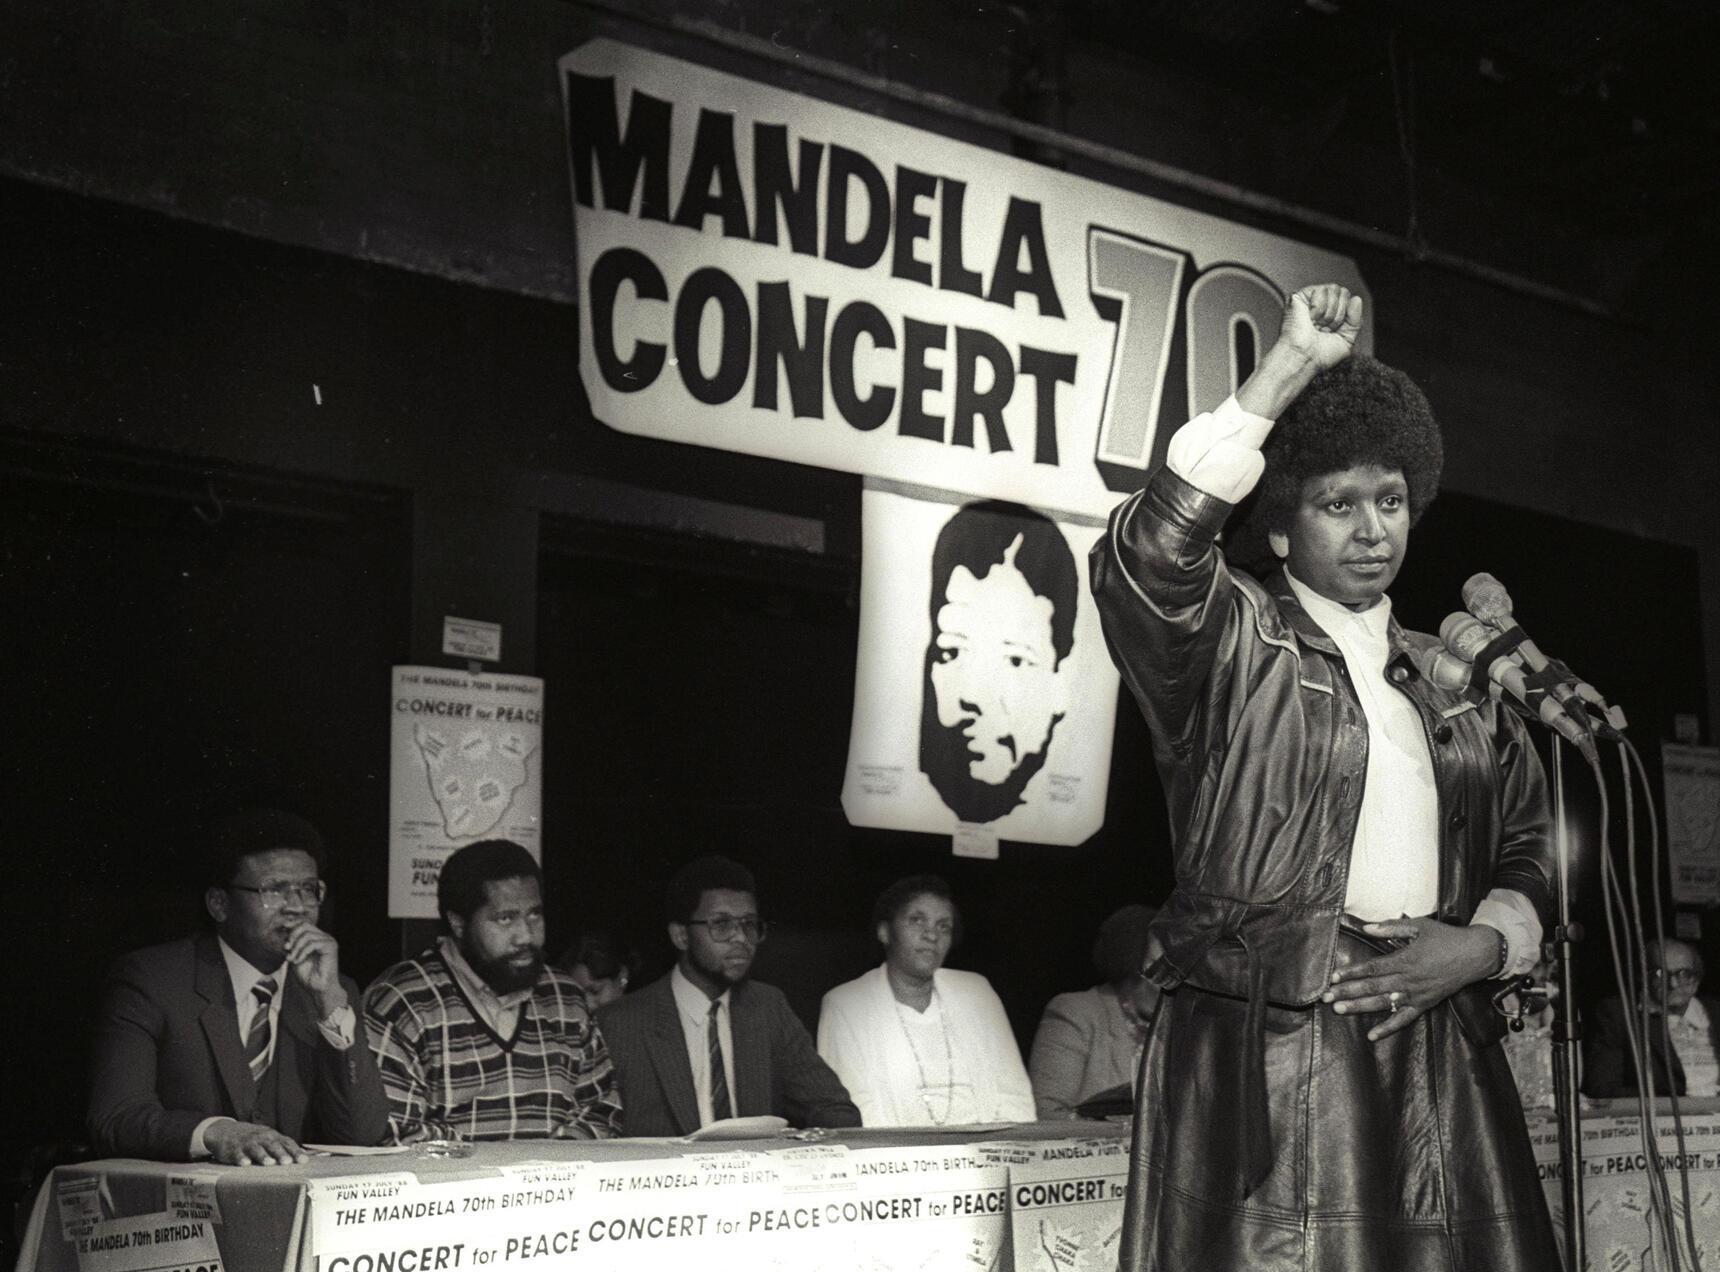 Winnie Mandela, en juillet 1988, annonce la tenue d'un concert pour célébrer le 70e anniversaire de son époux Nelson Mandela, alors emprisonné.